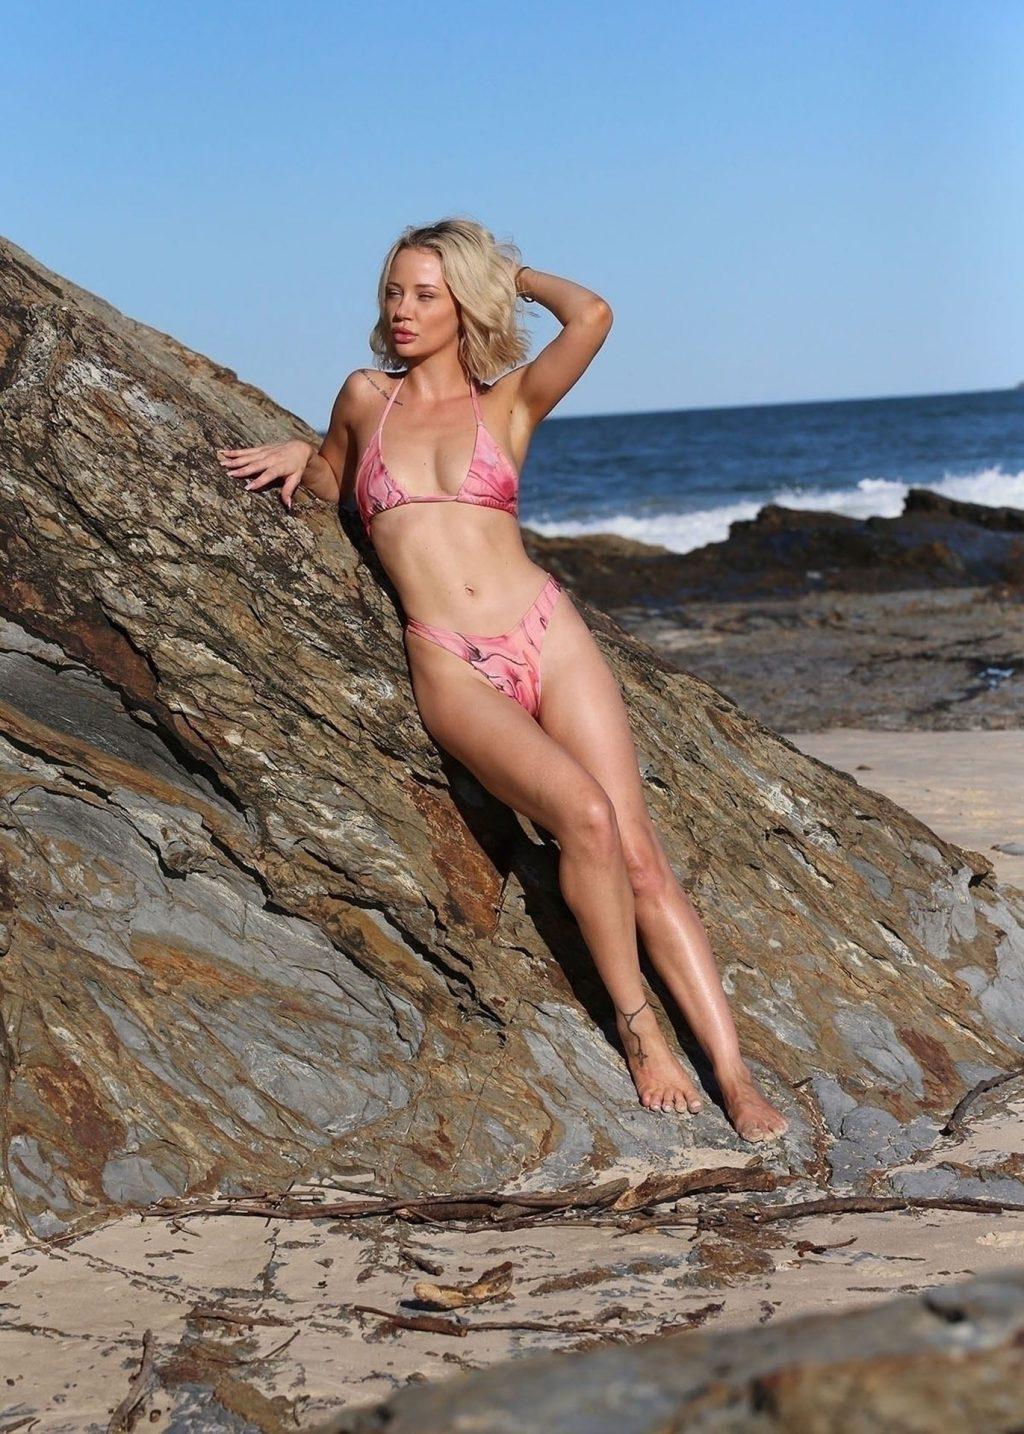 Jessika Power Looks Sensational Showing Off Her Sexy Bikini Body (13 Photos)